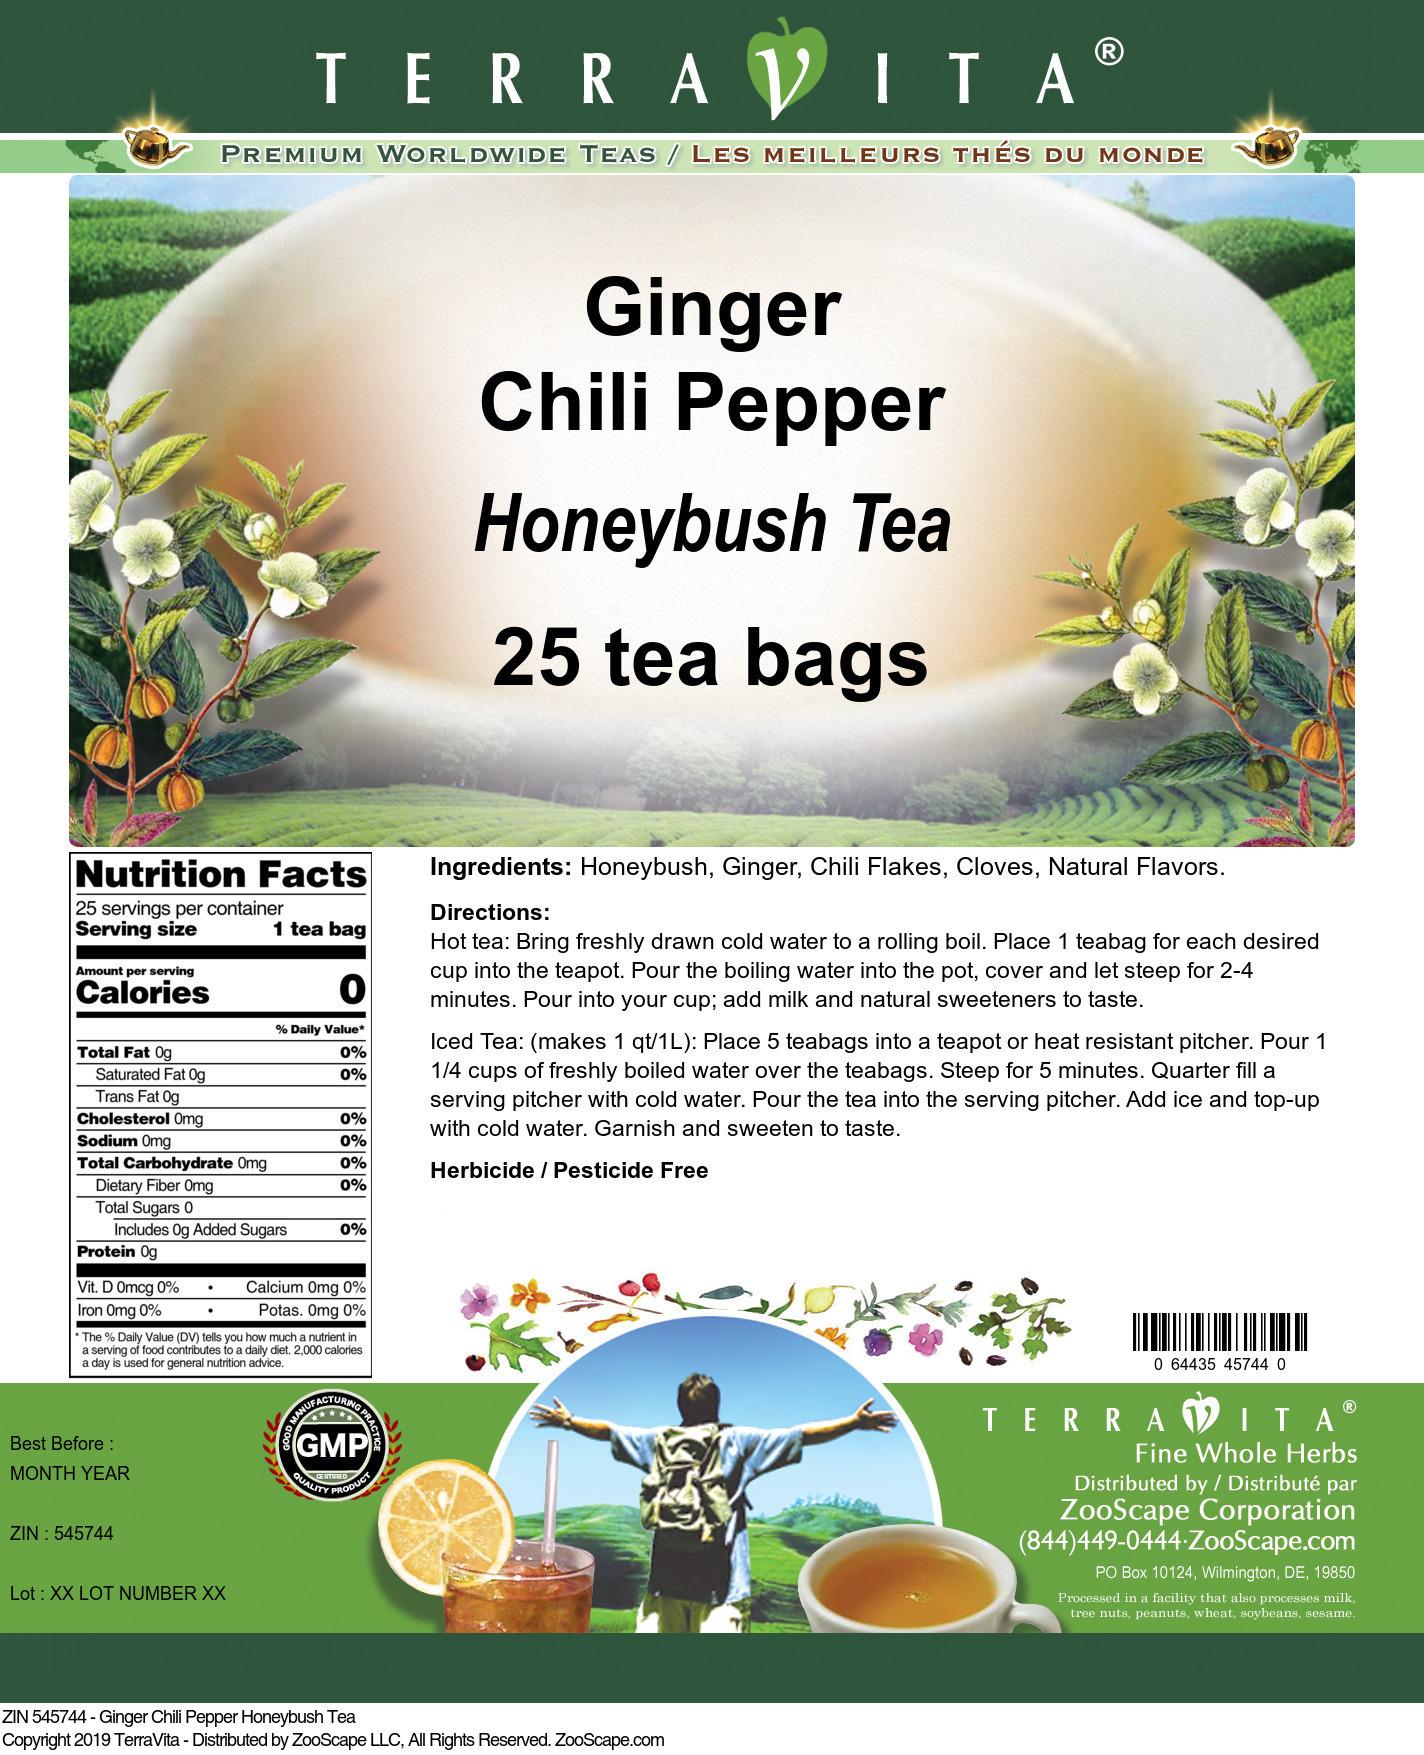 Ginger Chili Pepper Honeybush Tea